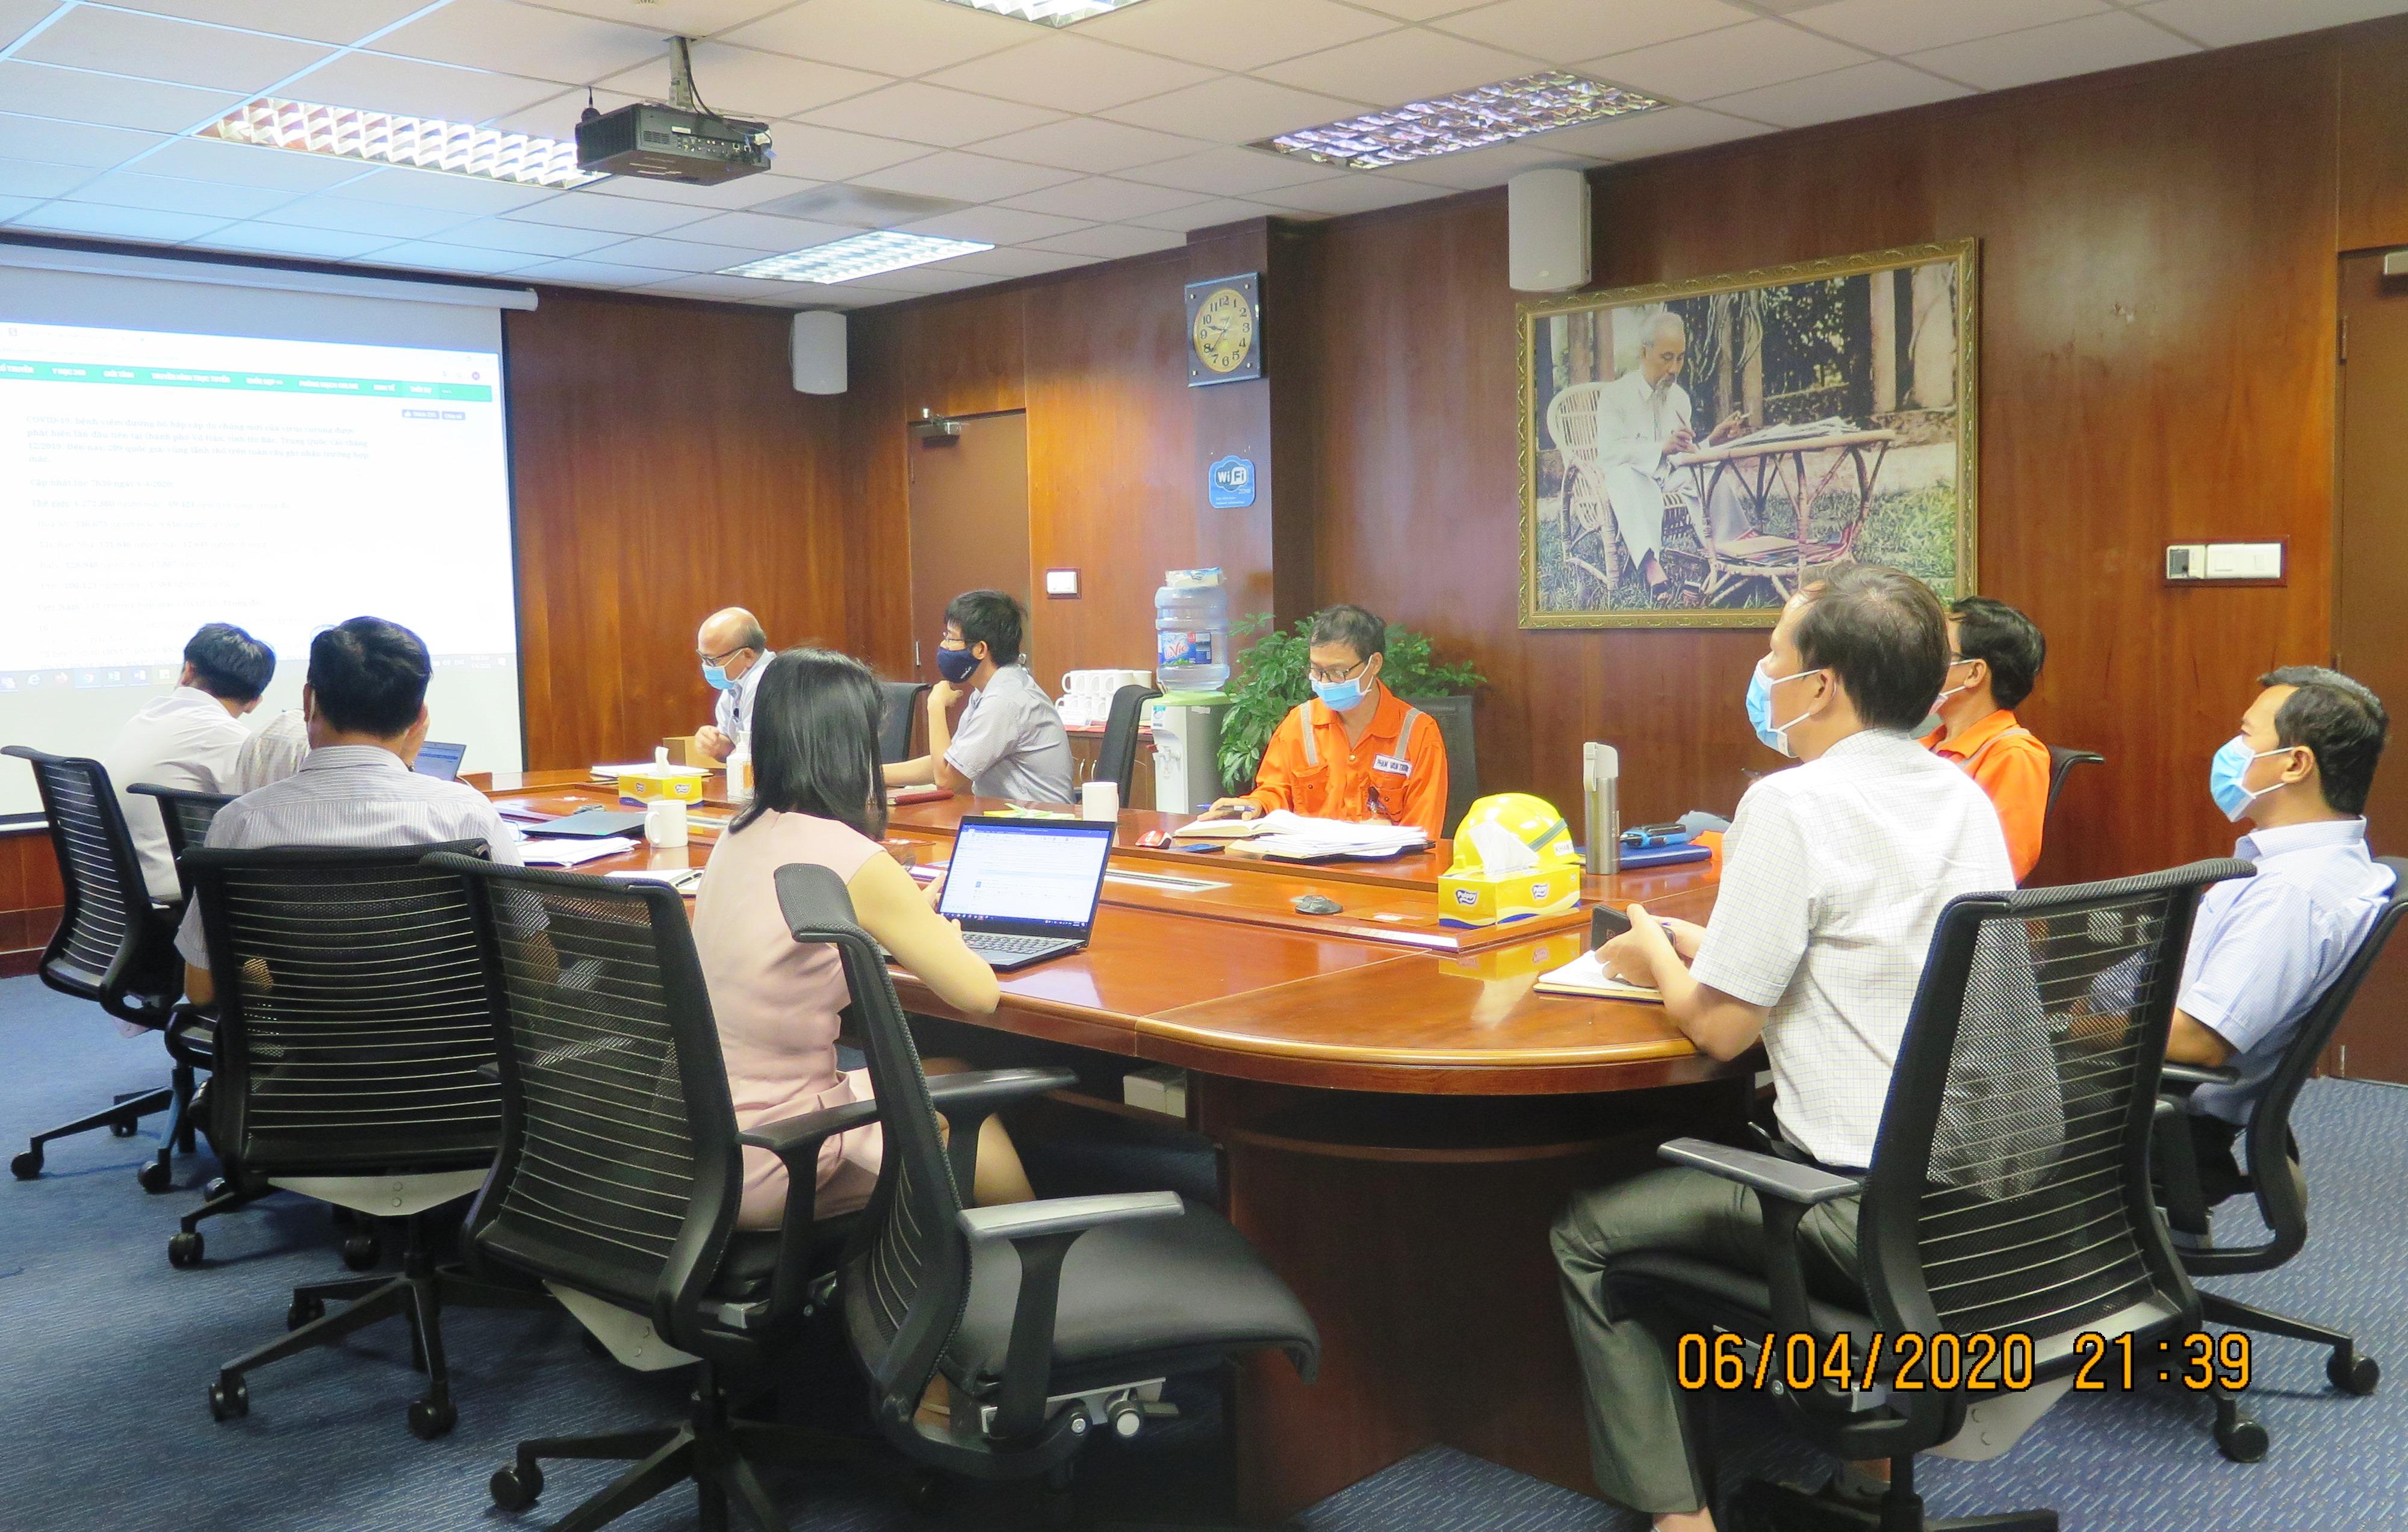 Các cuộc họp đều được tổ chức biệt lập, đề ra các giải pháp phòng chống dịch hiệu quả